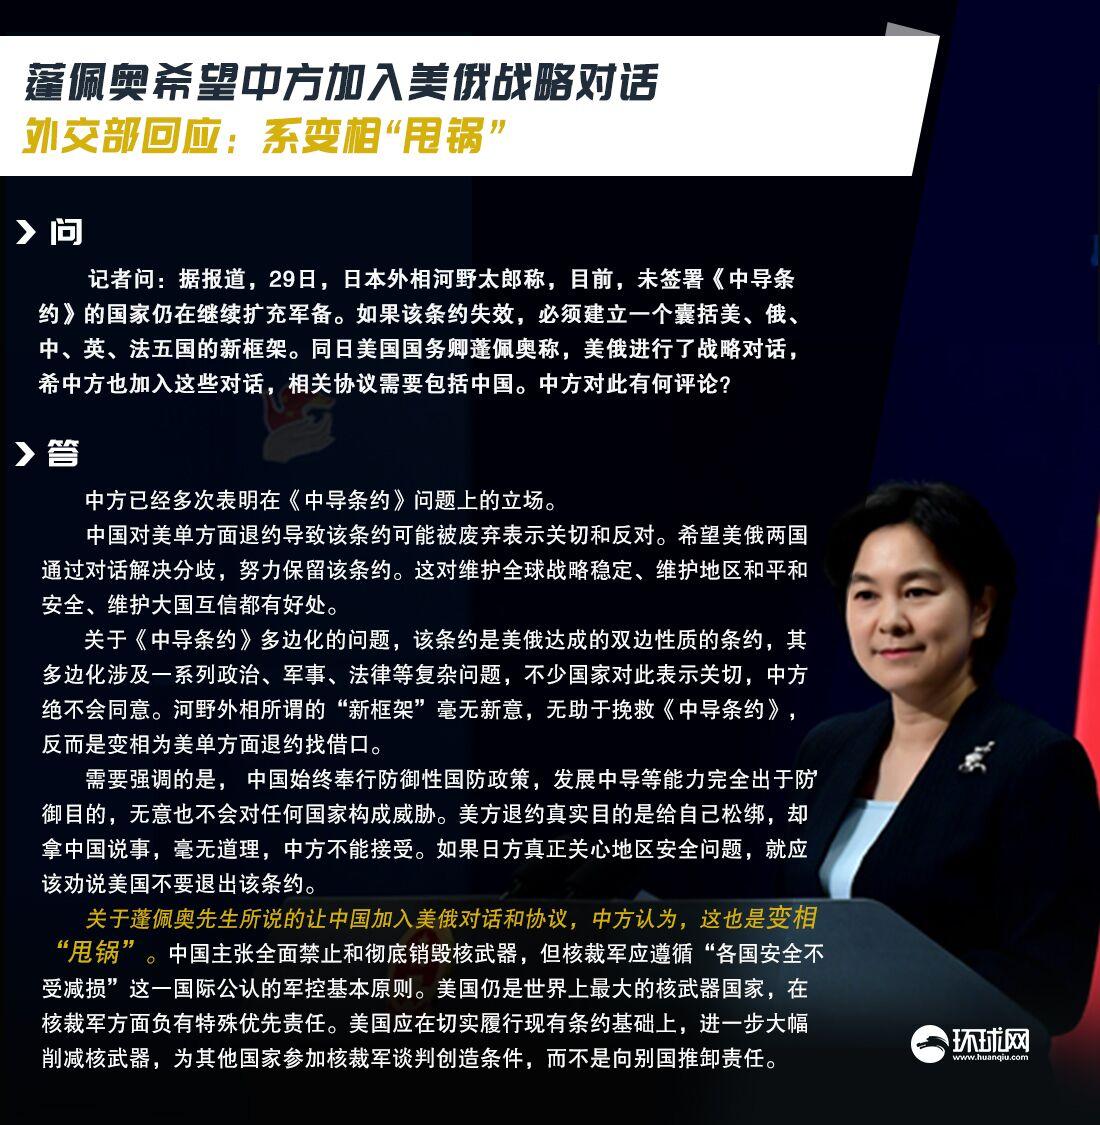 """蓬佩奥希望中方加入美俄战略对话,外交部回应:系变相""""甩锅"""""""